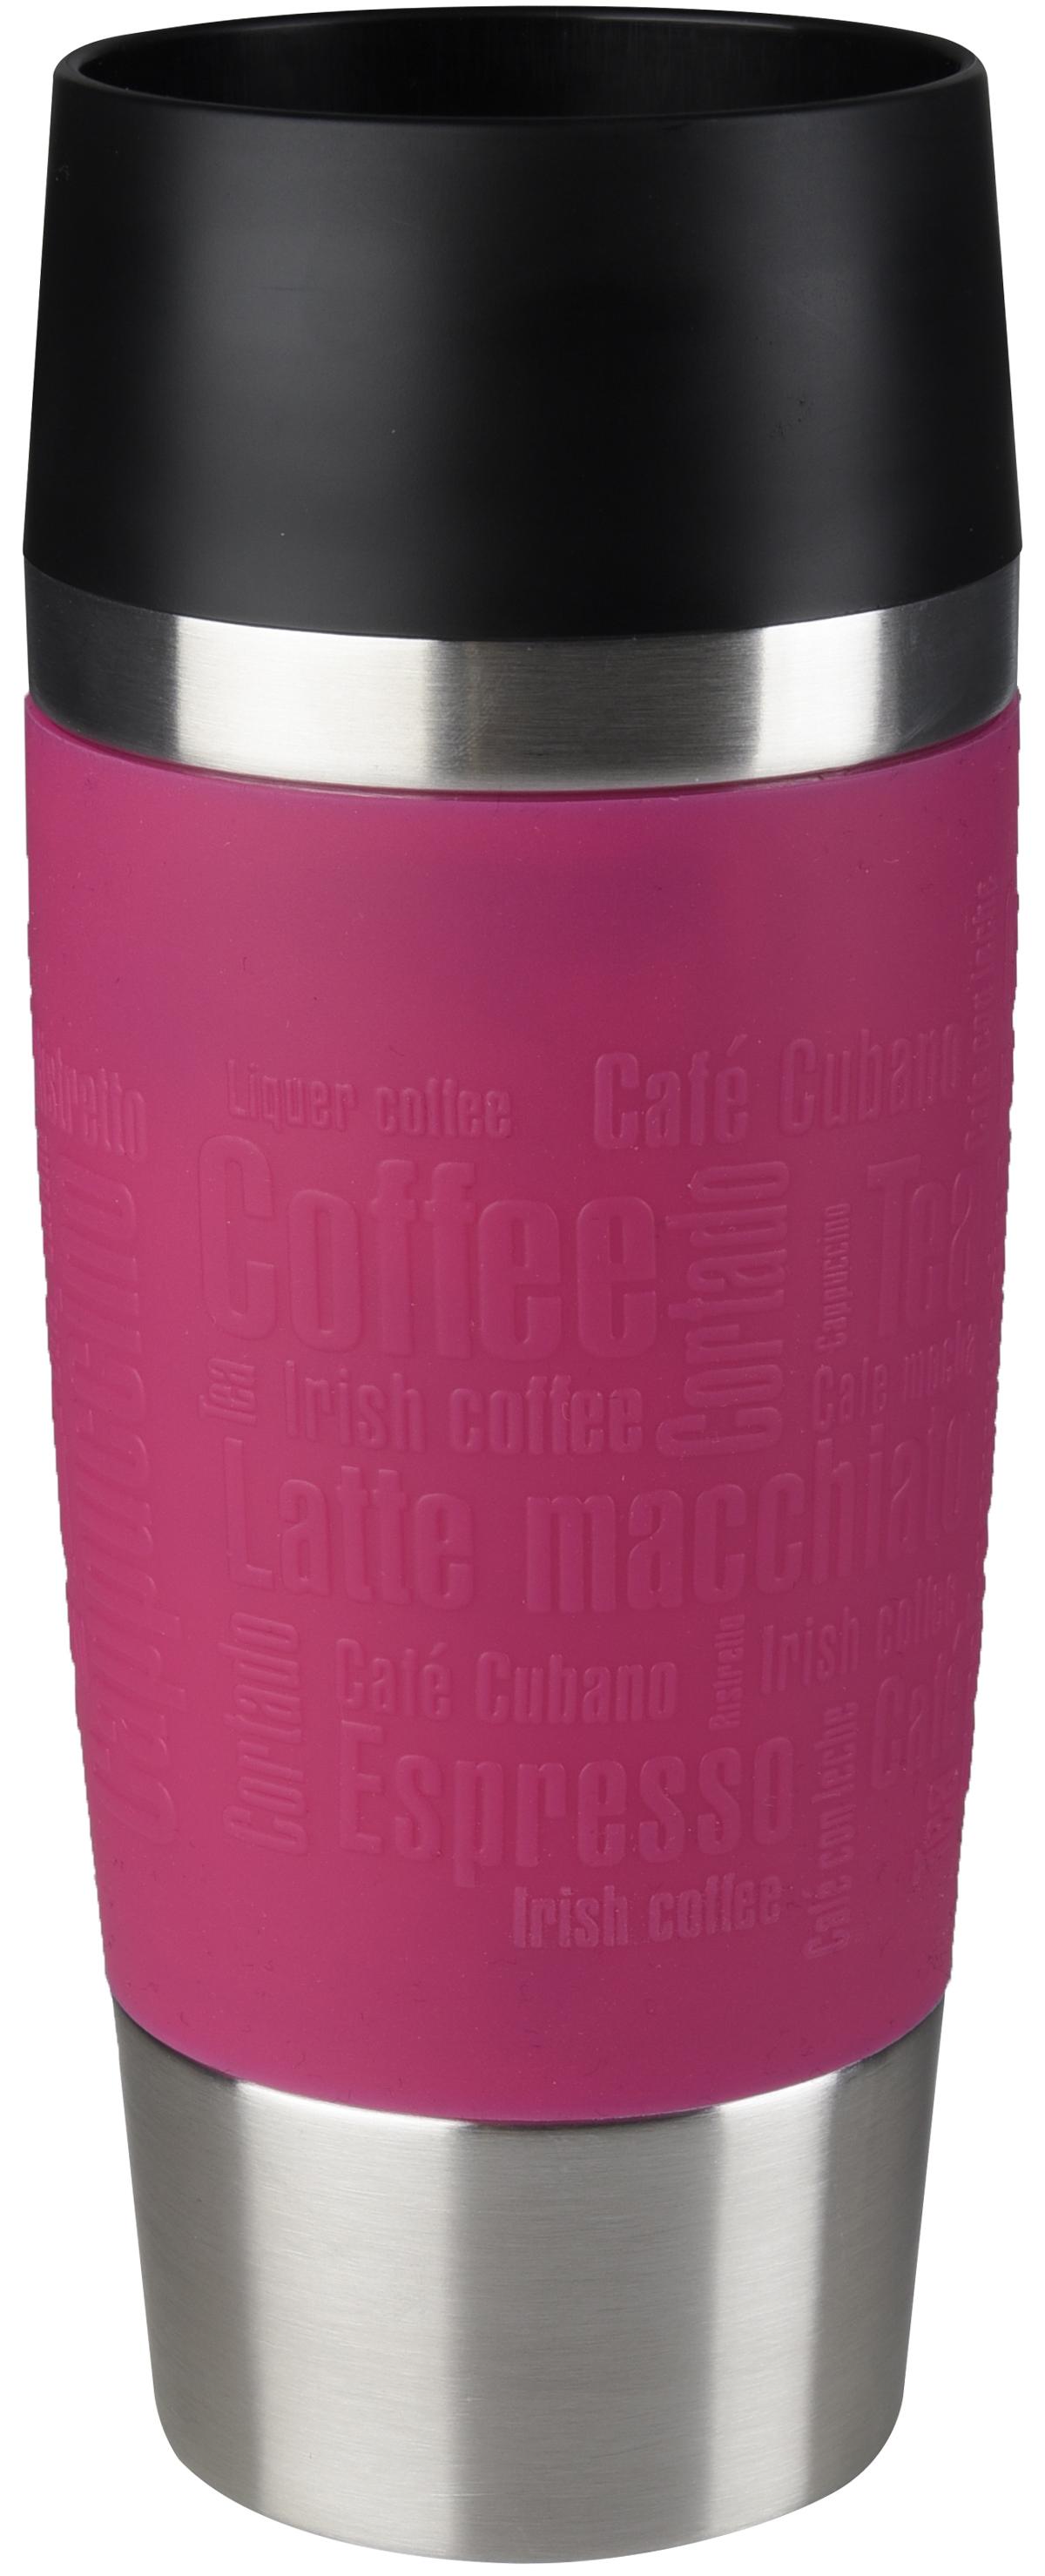 Термокружка Emsa Travel Mug, цвет: розовый, 360 мл термокружка emsa travel mug 360 мл сталь пластик красный